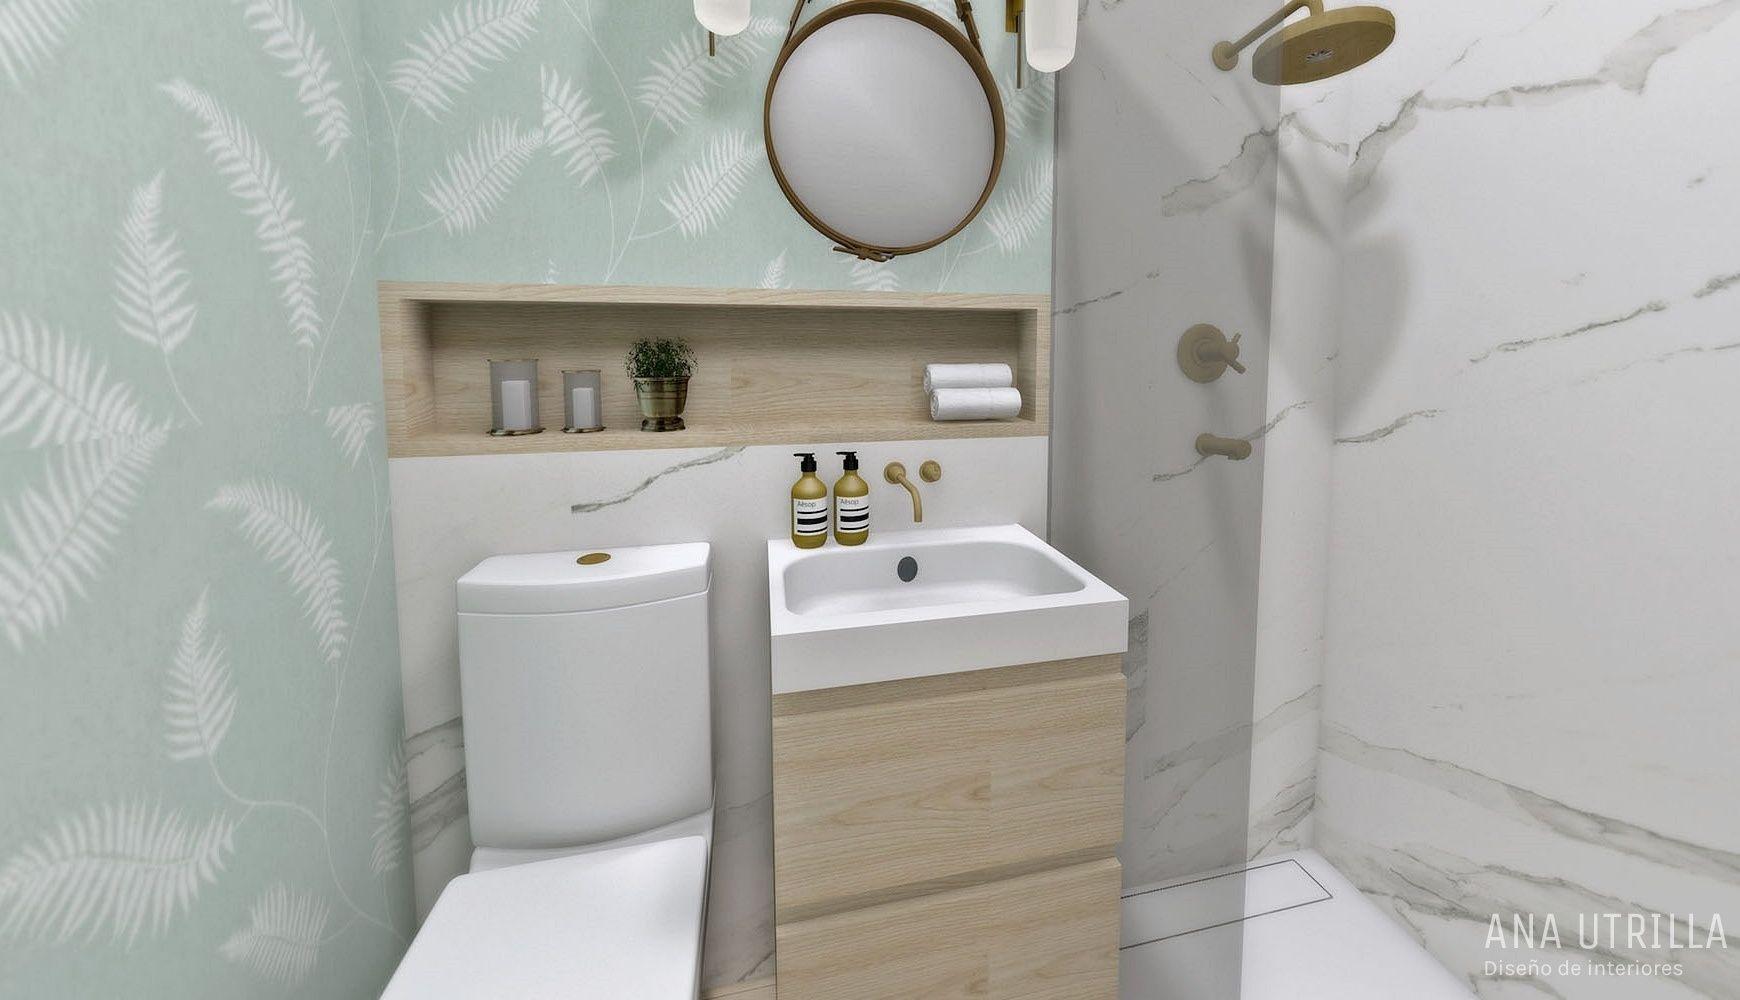 Proyecto de interiorismo en Valladolid de diseño y decoración de interiores para baños y aseo de cortesía de estilo moderno y mid century @Utrillanais